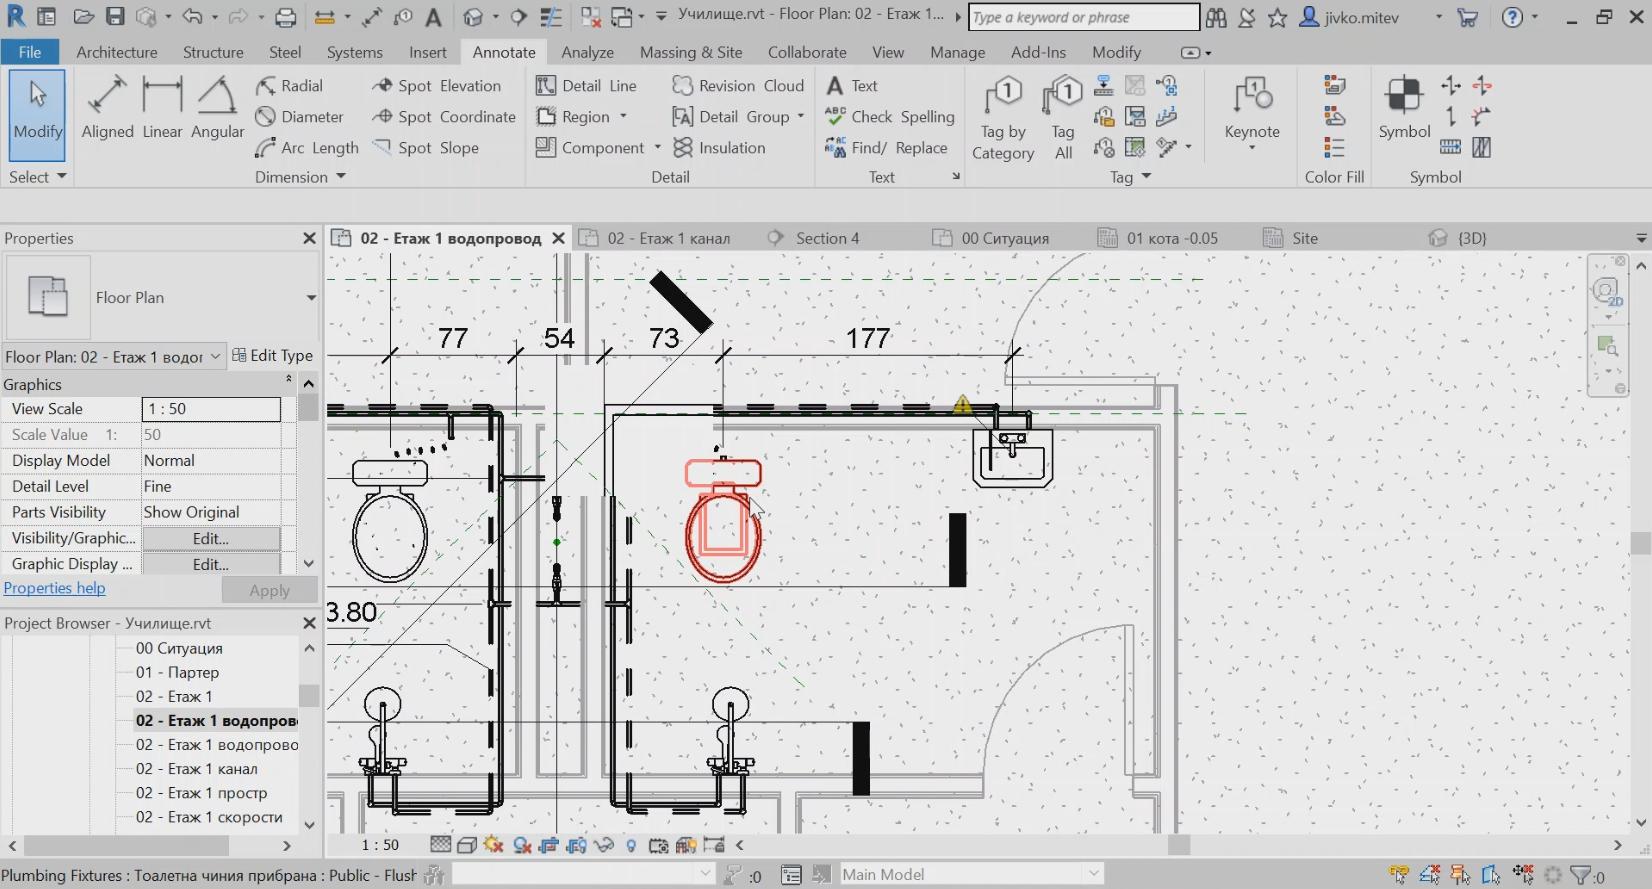 Вертикални коти. Project base point. Щриховки, 2D детайли, текст и линии